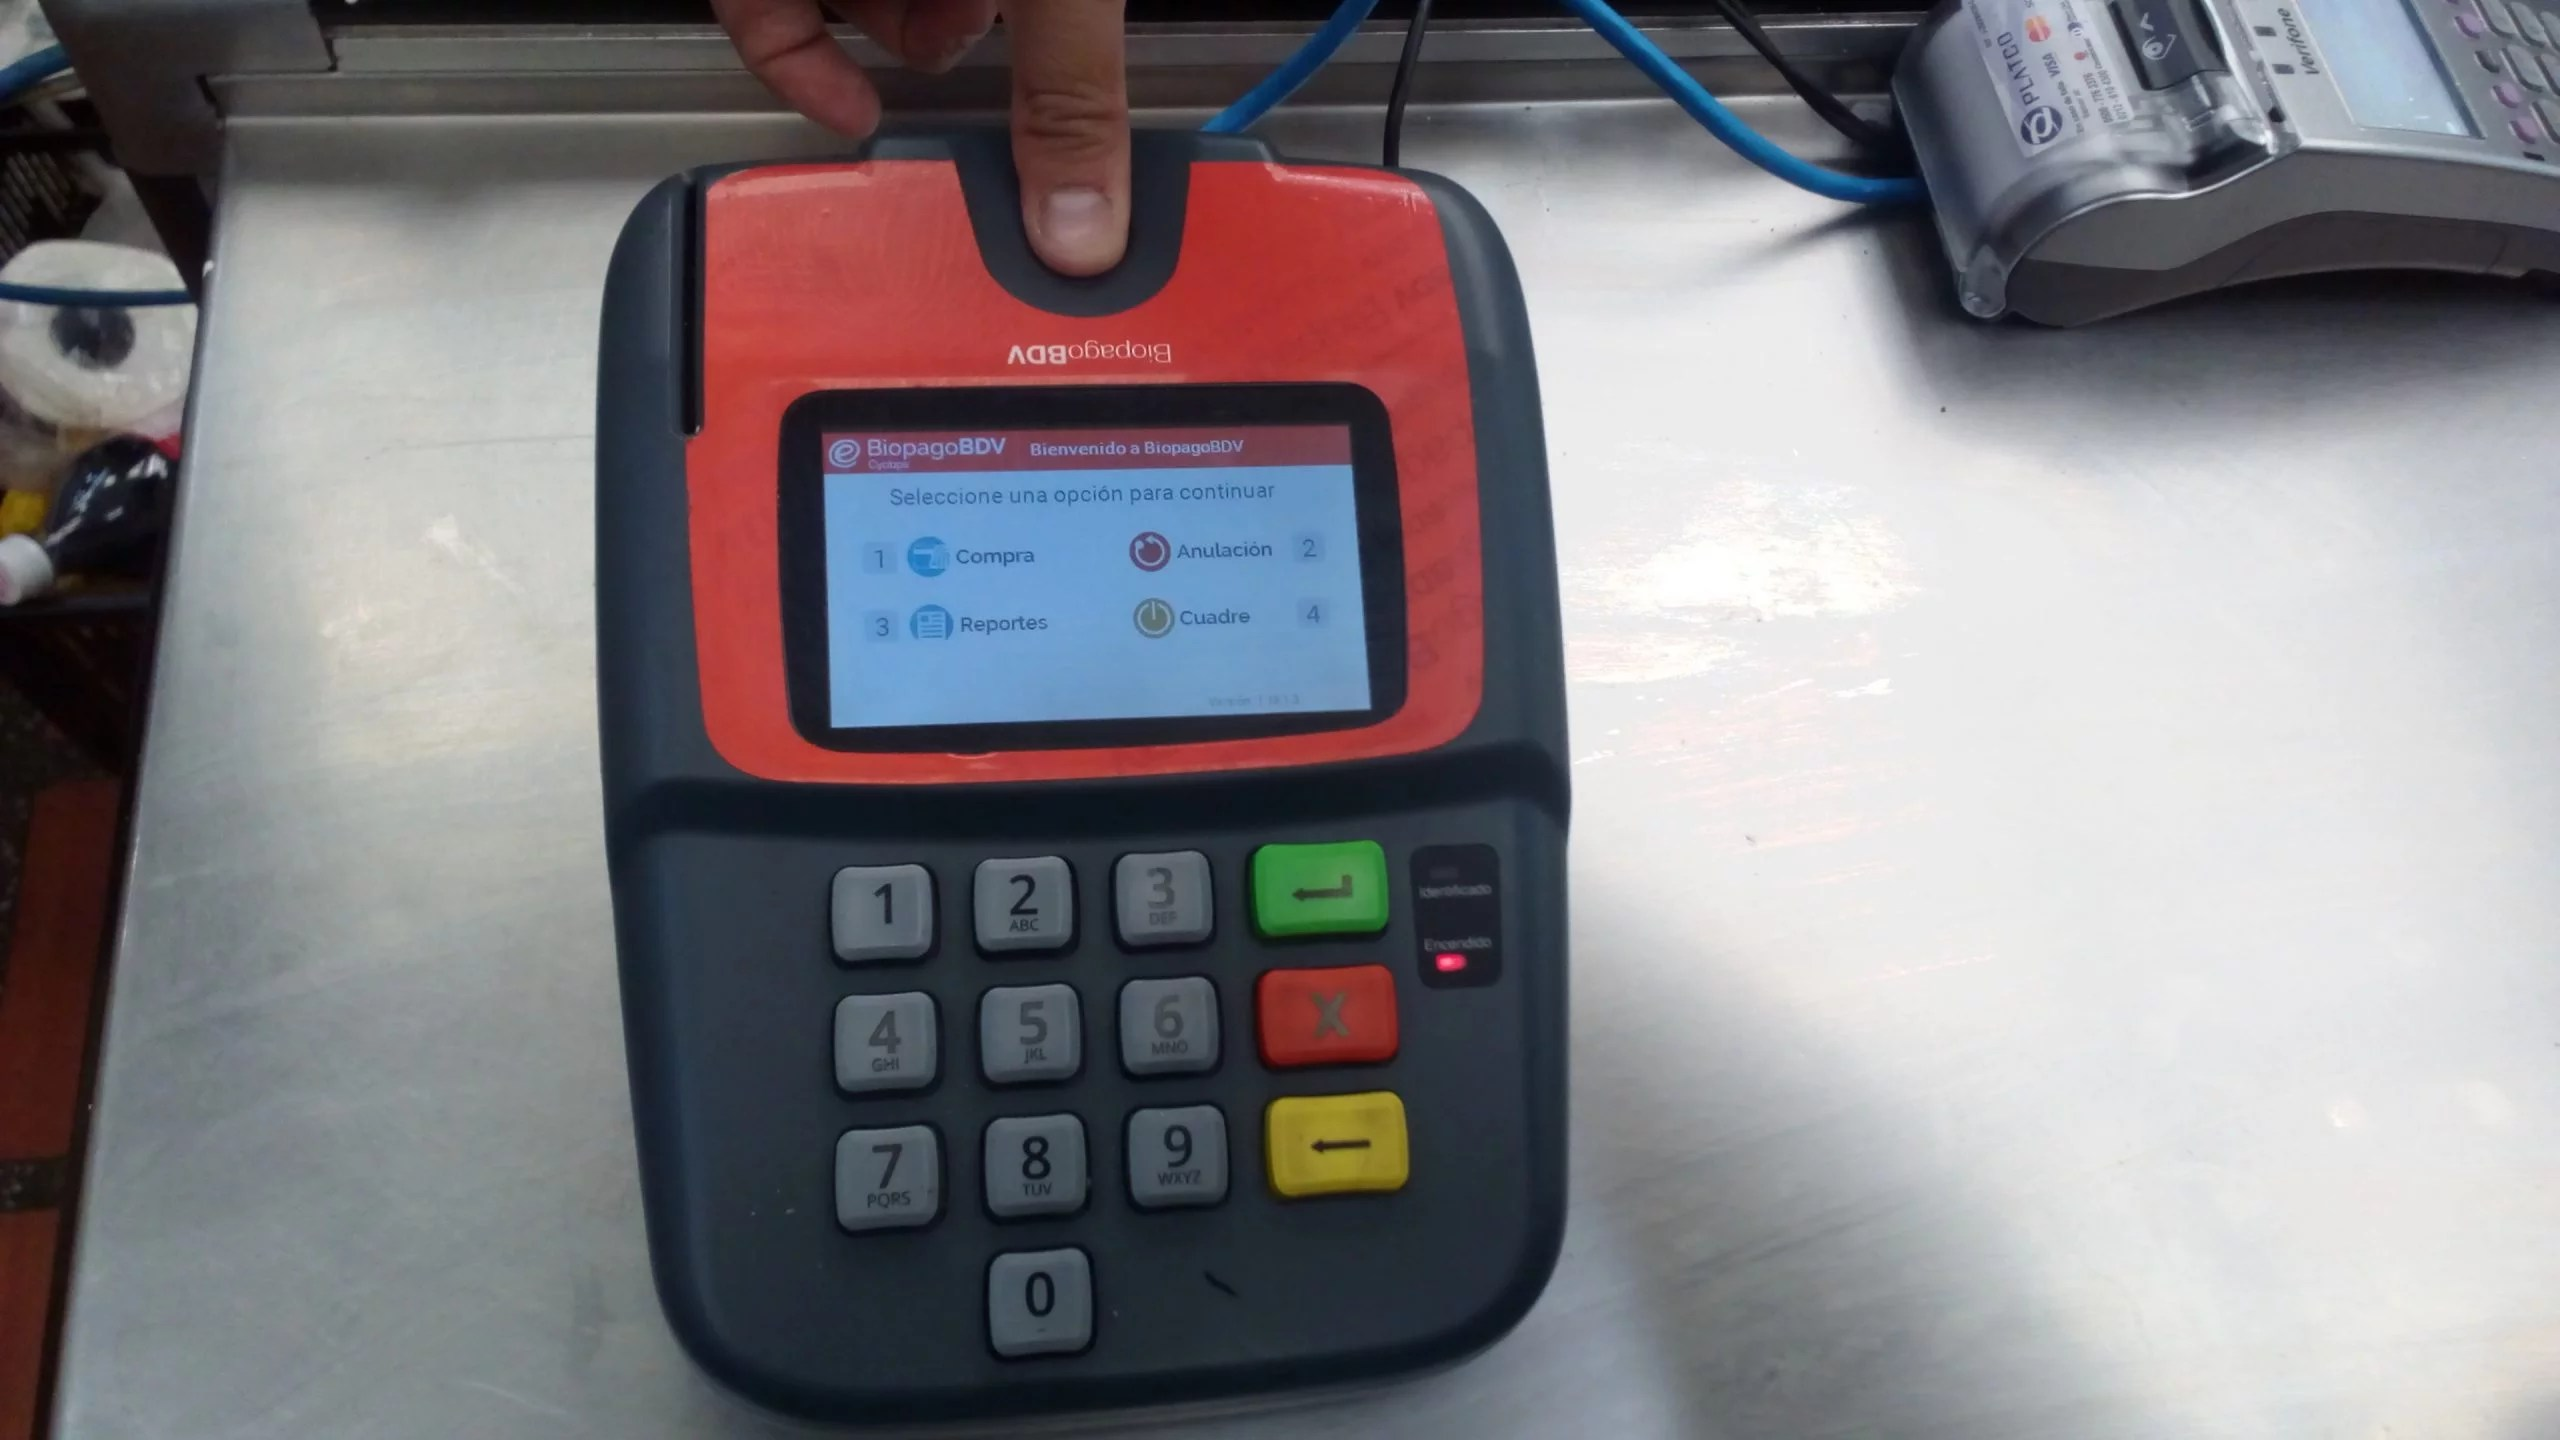 A la expectativa por las liquidaciones, los comerciantes venezolanos no pueden hacer la devolución de máquinas Biopago con las que aceptaron pagos en petros